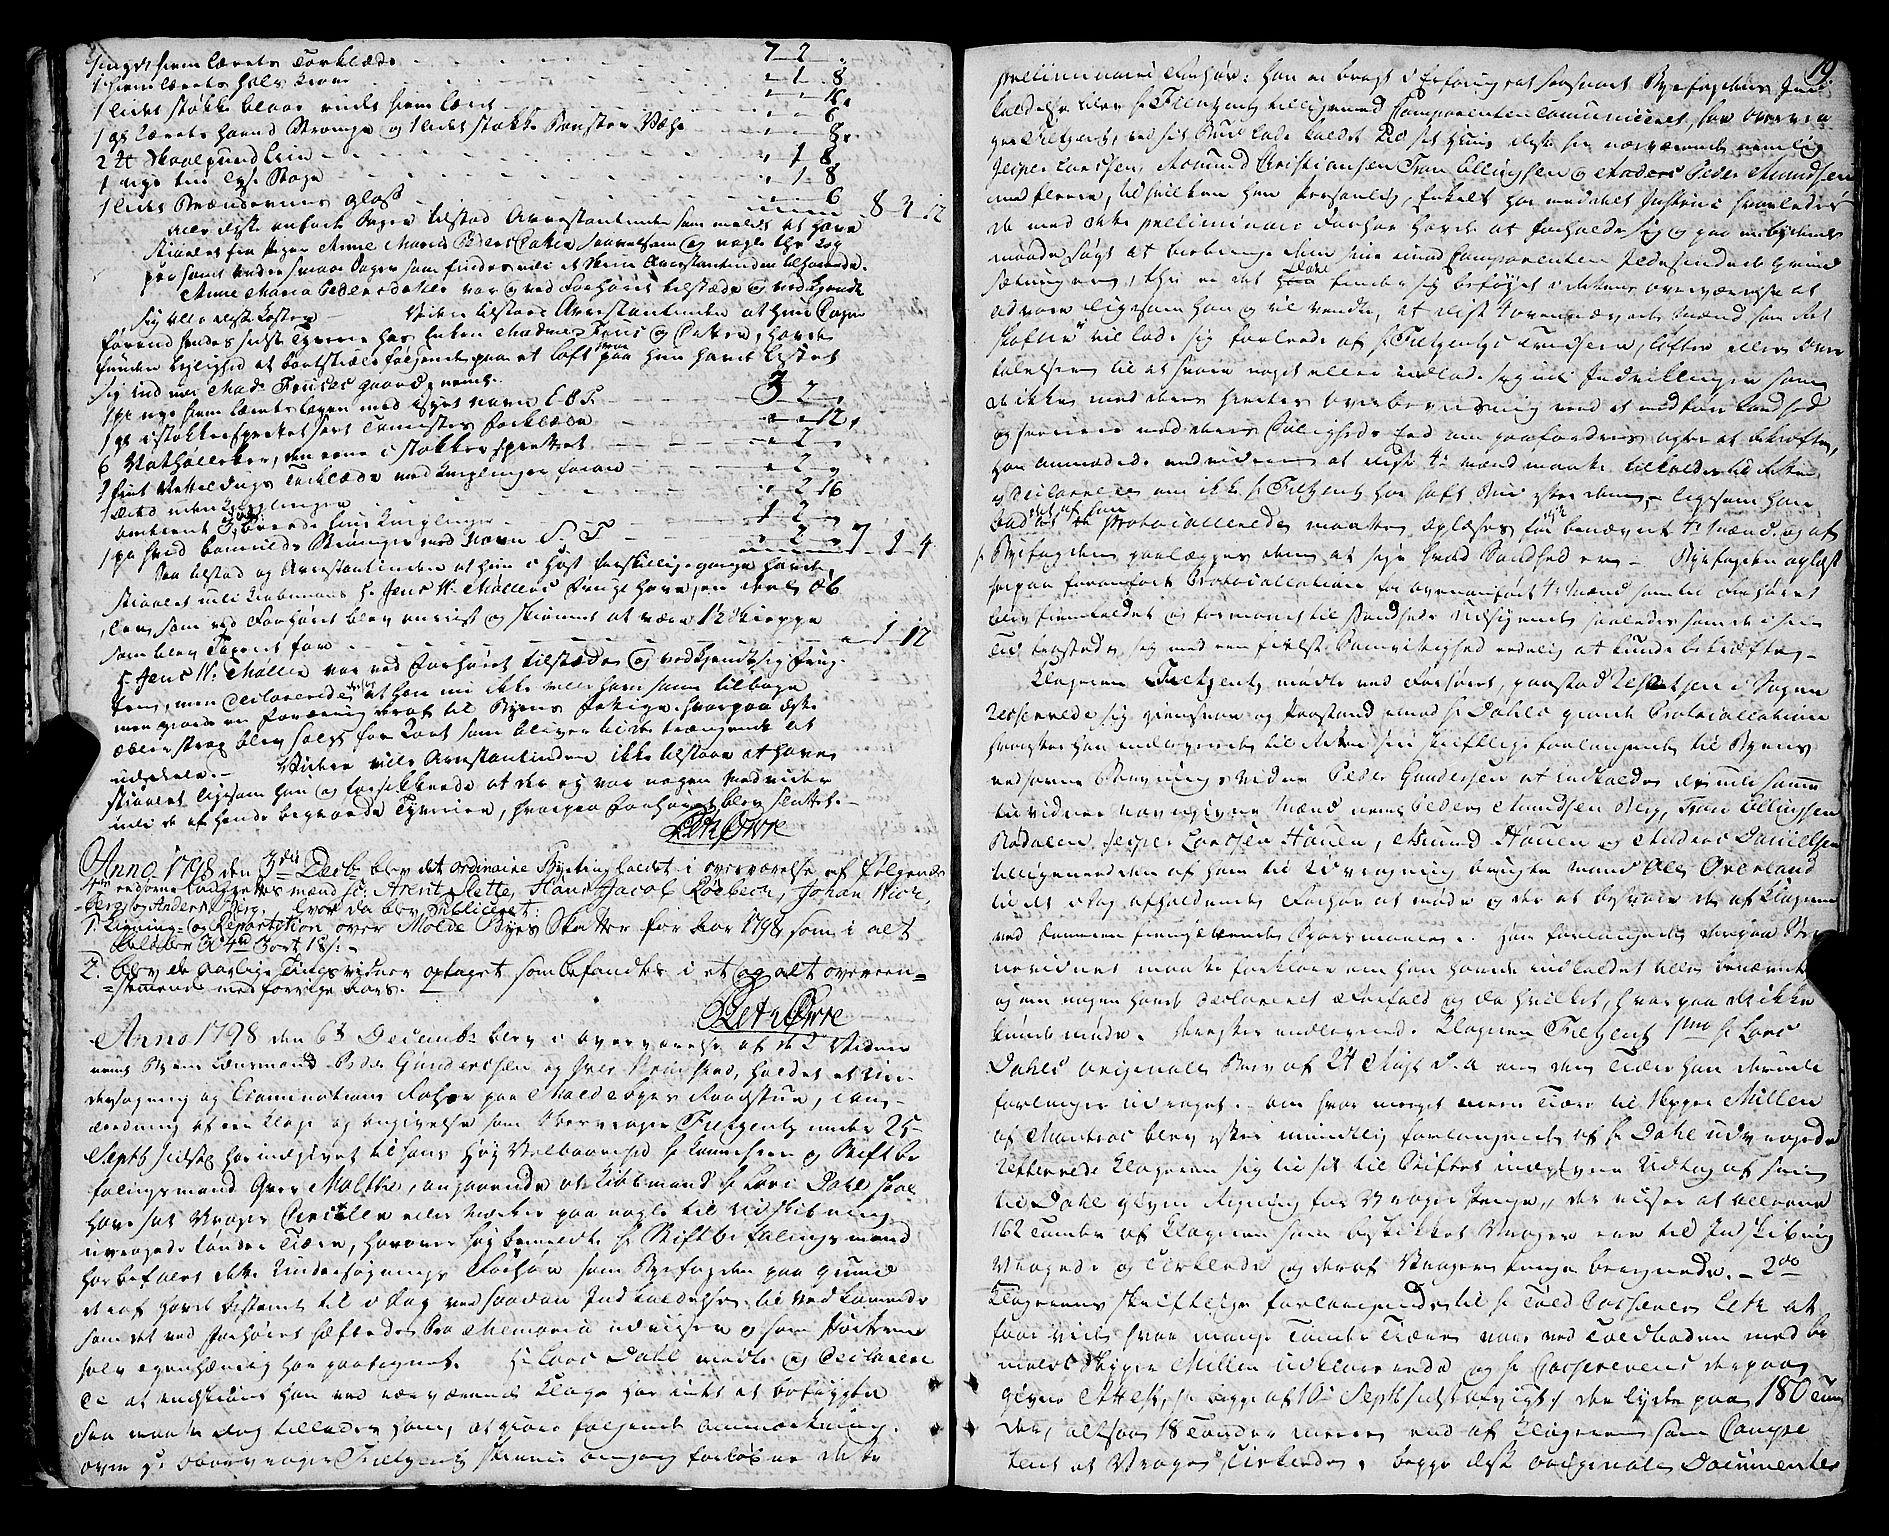 SAT, Molde byfogd, 1/1A/L0002: Justisprotokoll, 1797-1831, s. 18b-19a